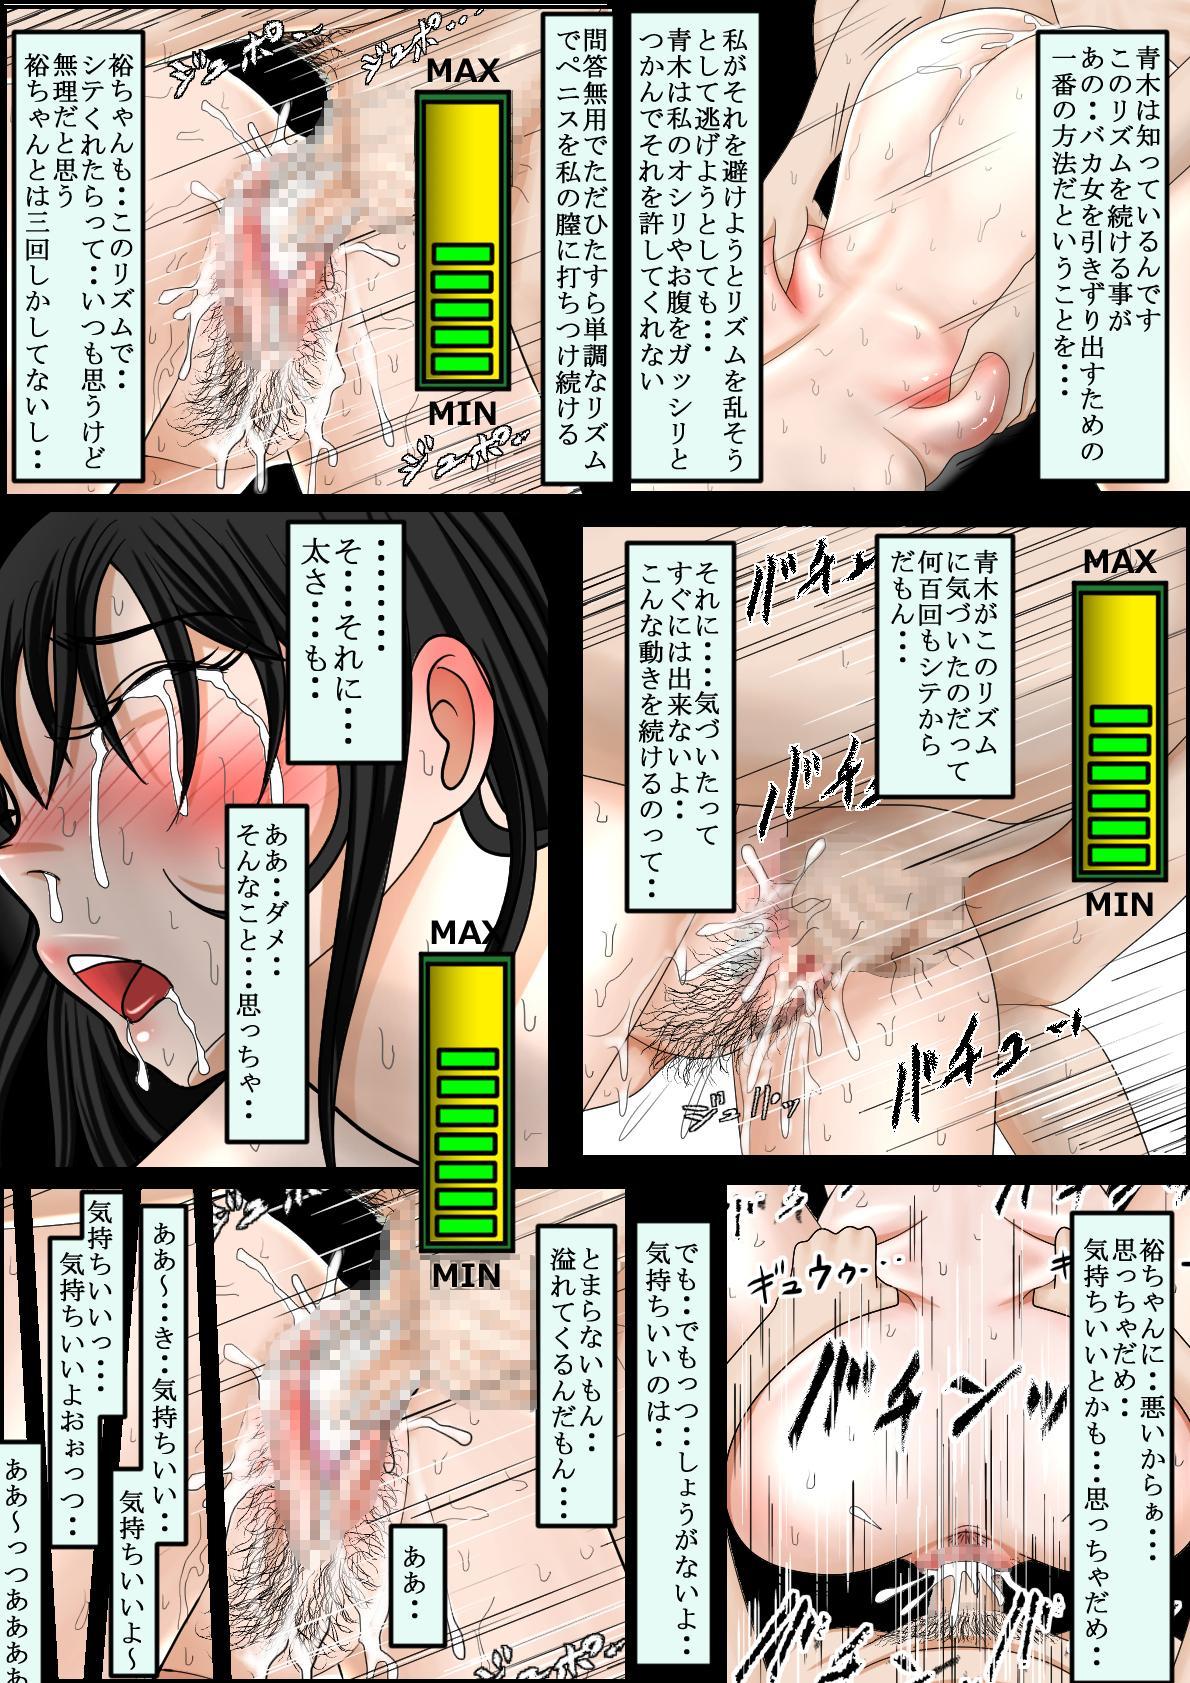 Aa, Senpai no Oniku, Yappa Yawarakaissu Vol. 6 4